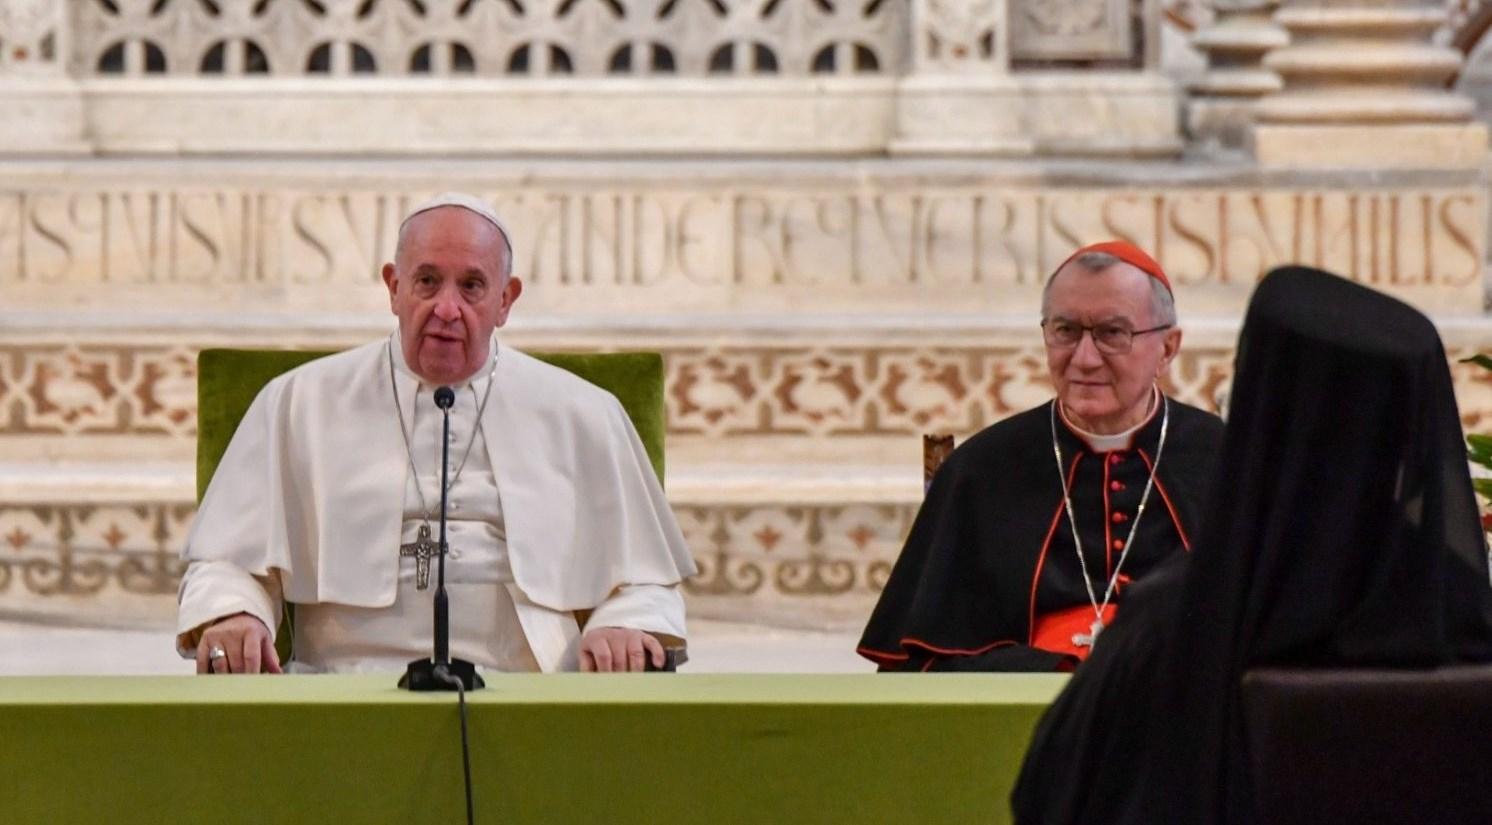 """البابا فرنسيس يعلّق على """"صفقة القرن"""": الحلول الجائرة مقدّمة لأزمات جديدة"""